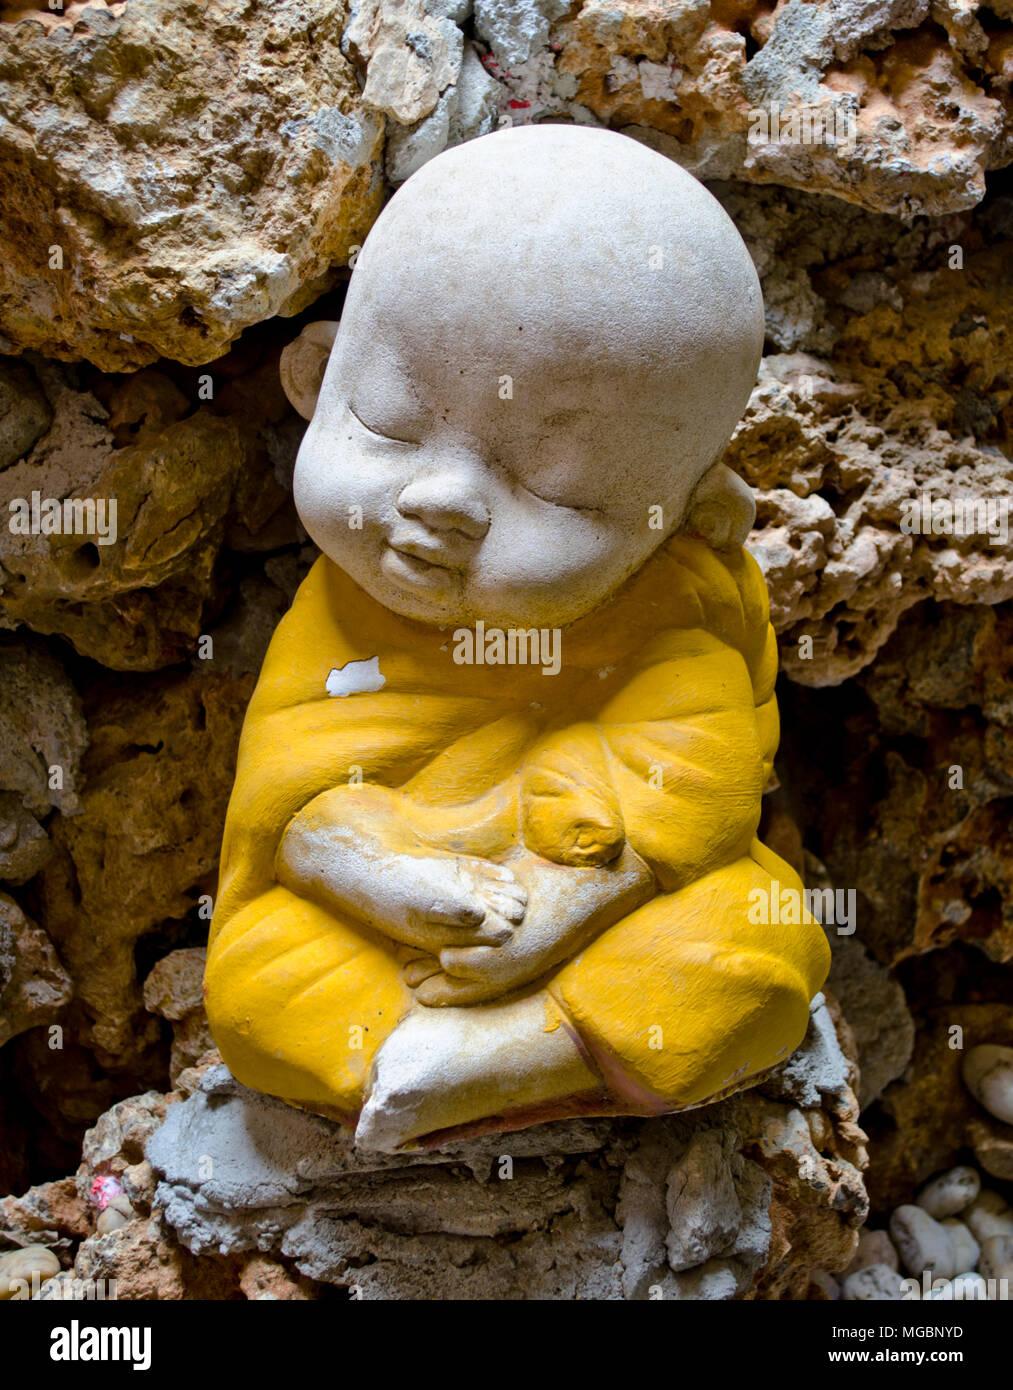 Earthenware of child monk - Stock Image